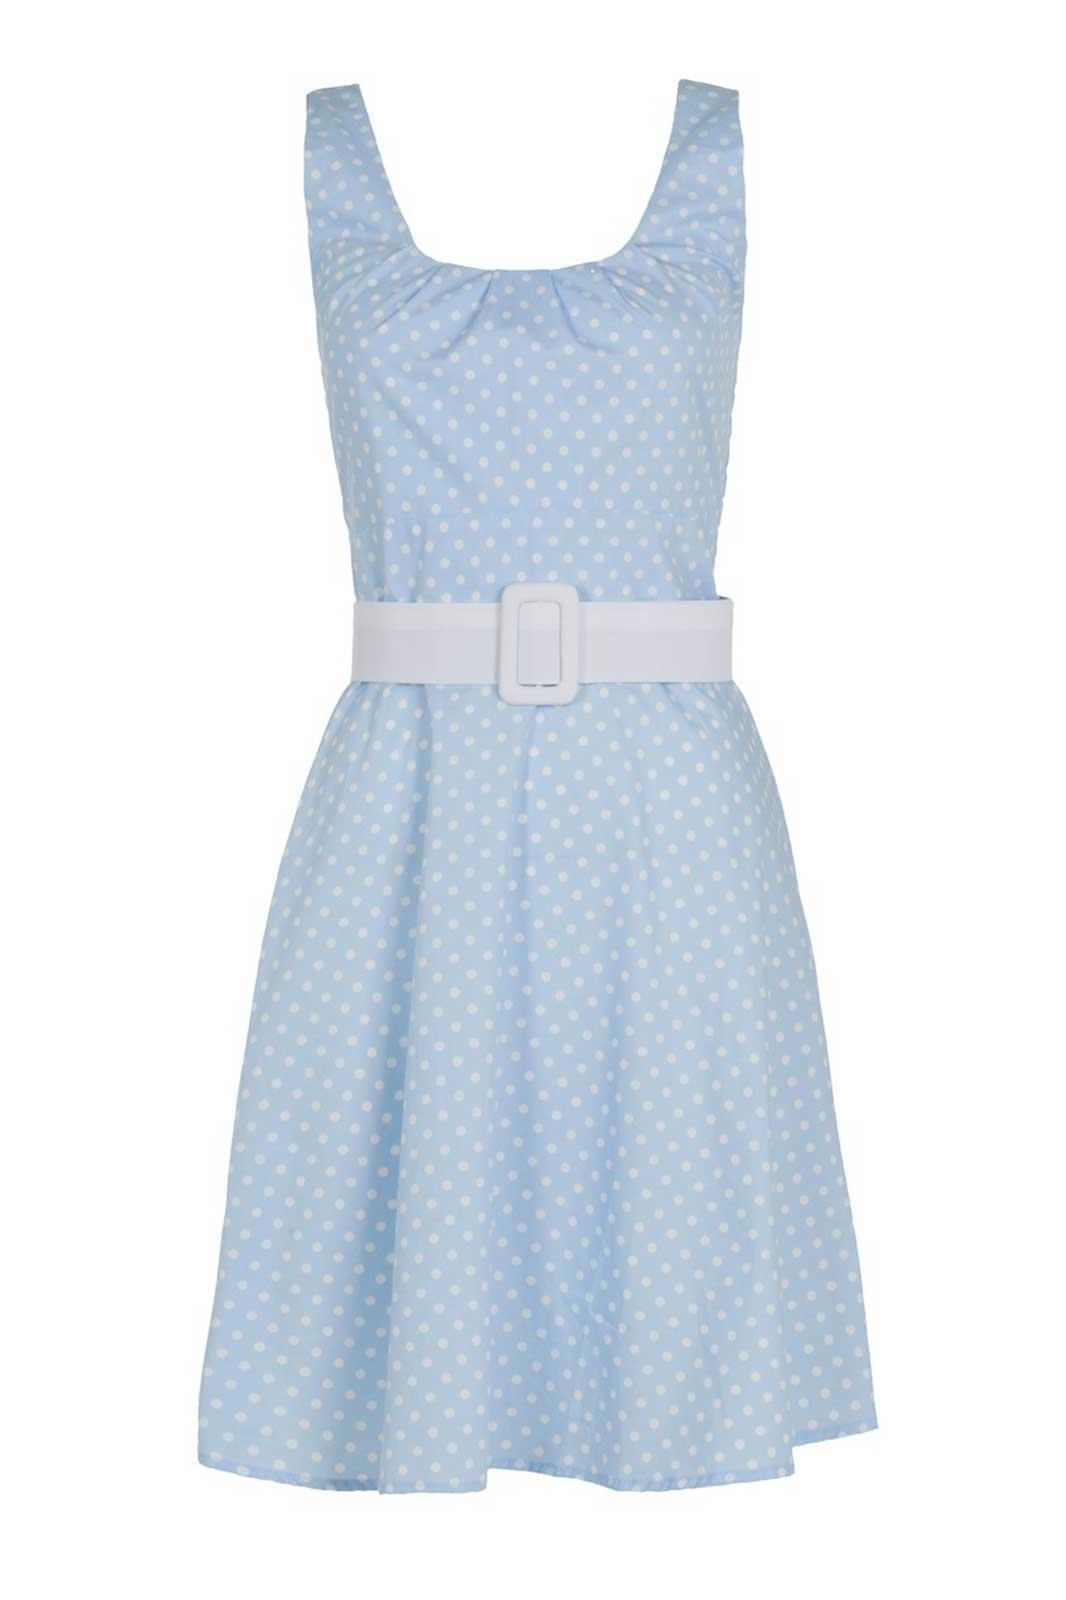 blå polkaprickig klänning med skärp